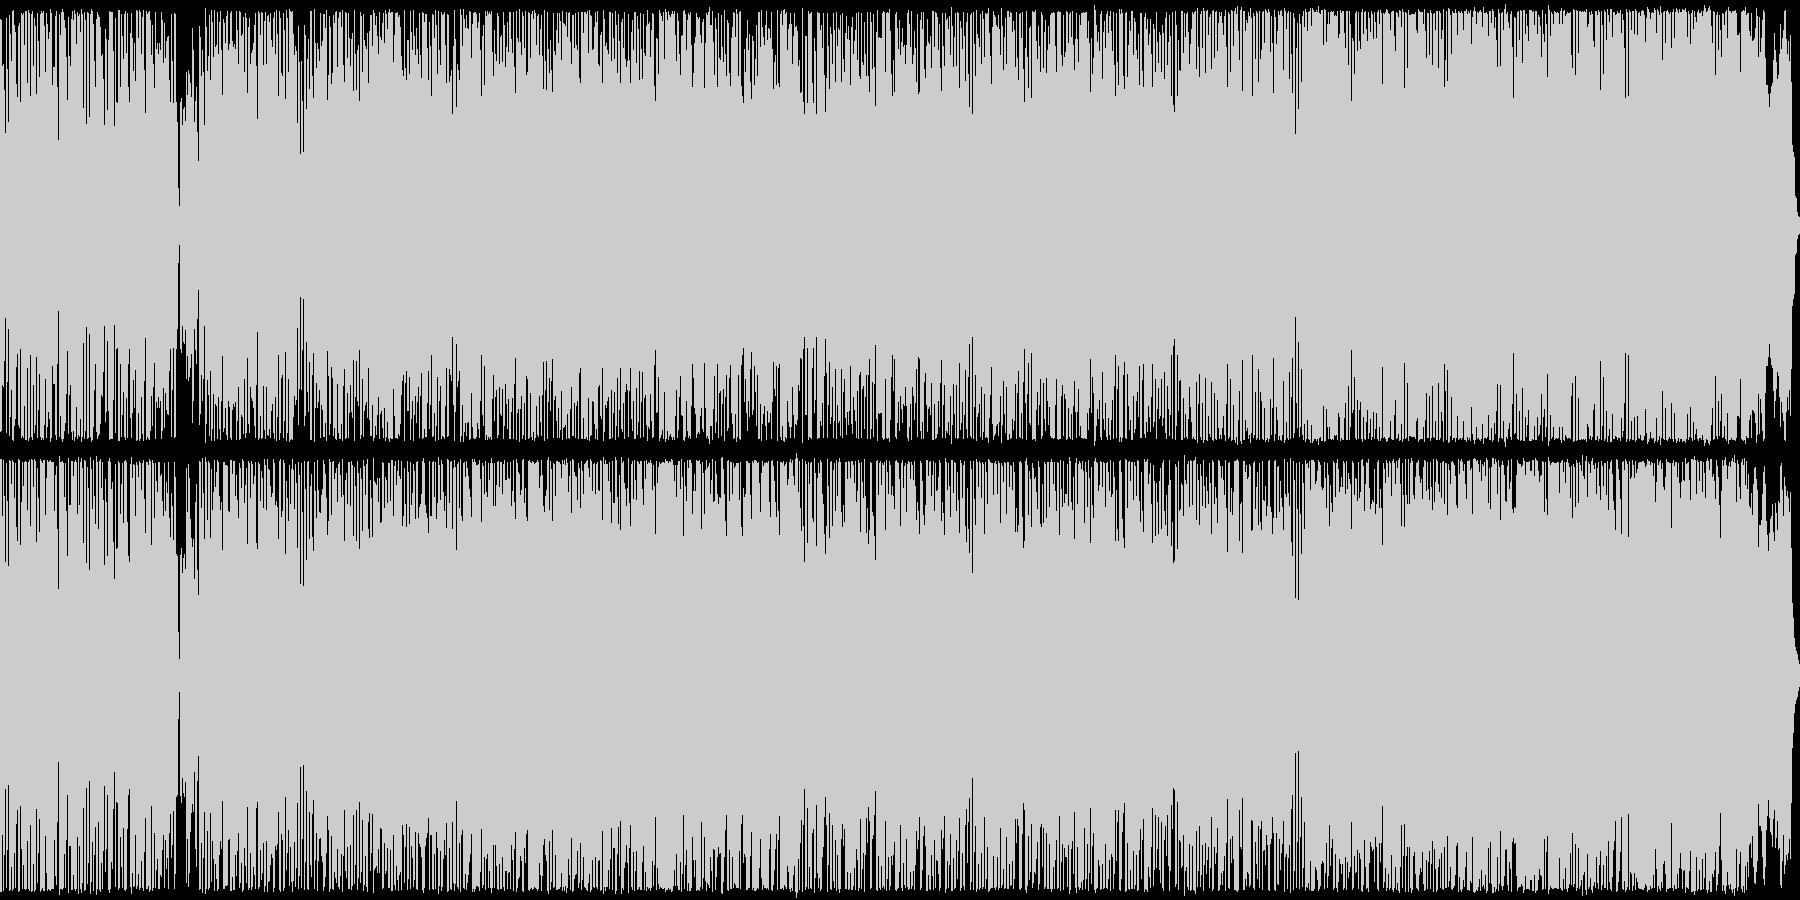 G線上のアリア/ボサノバアレンジの未再生の波形